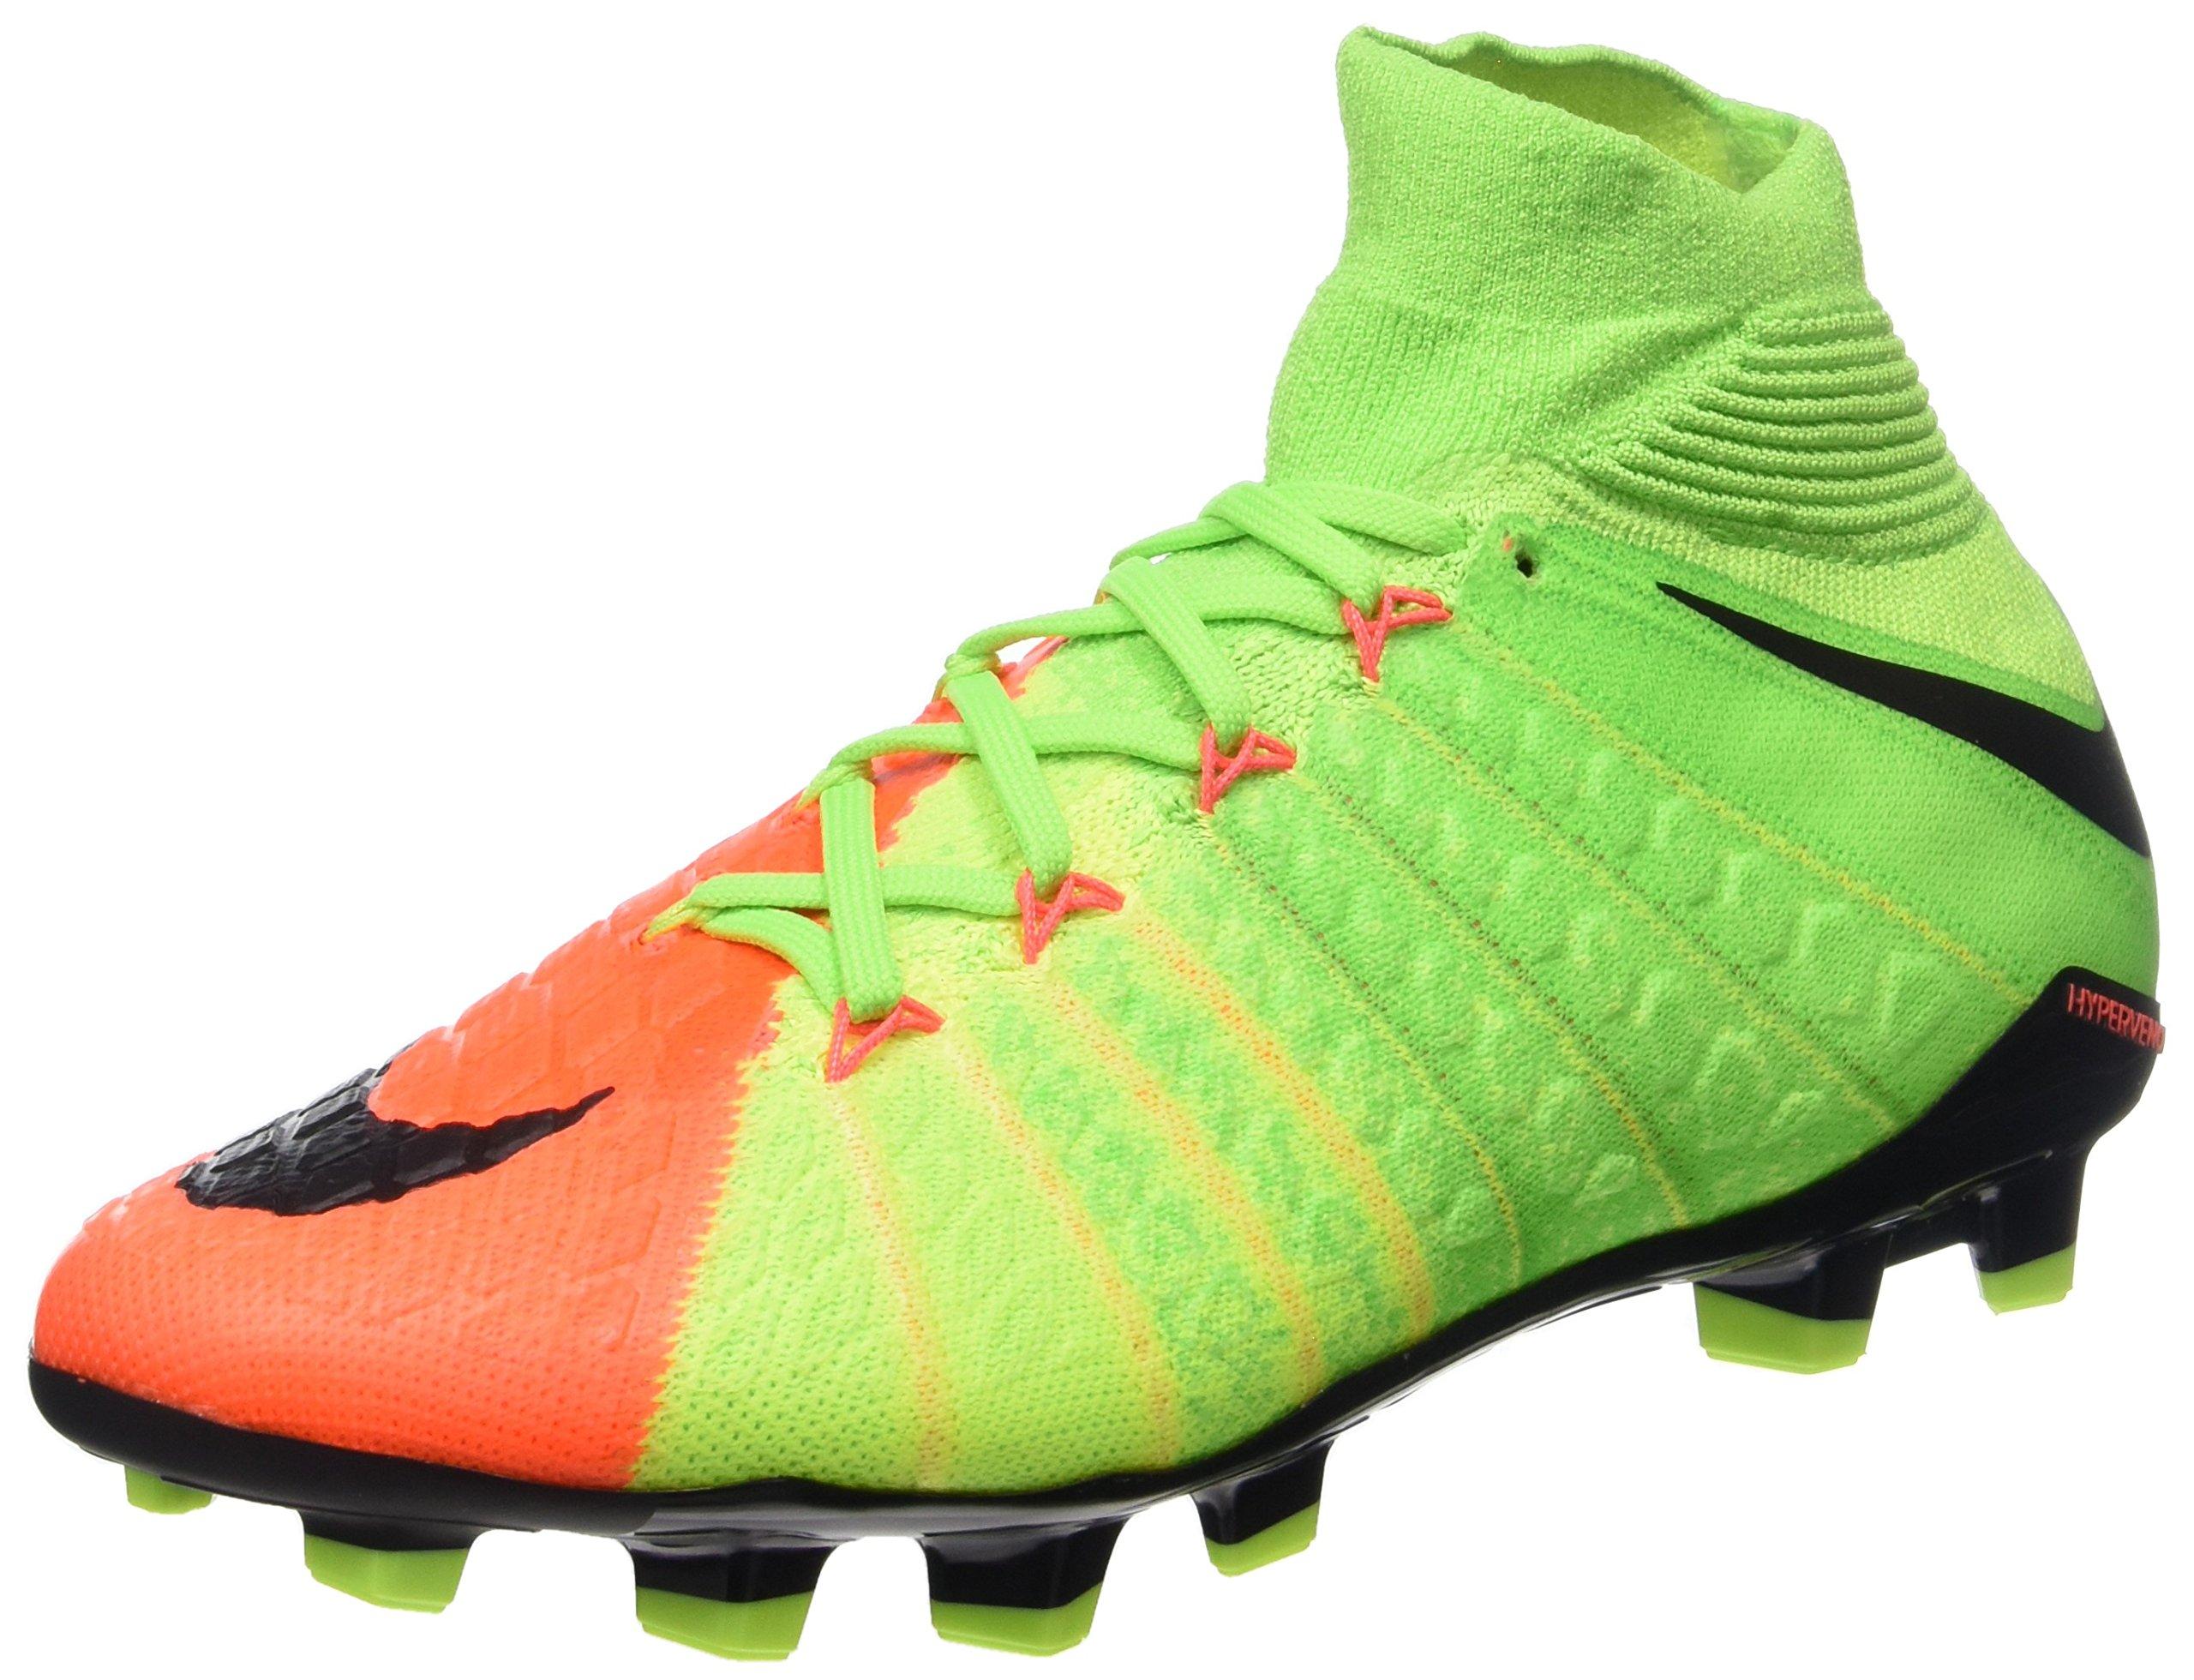 Nike Youth Hypervenom Phantom III Dynamic Fit FG Cleats [Electric Green] (5Y) by NIKE